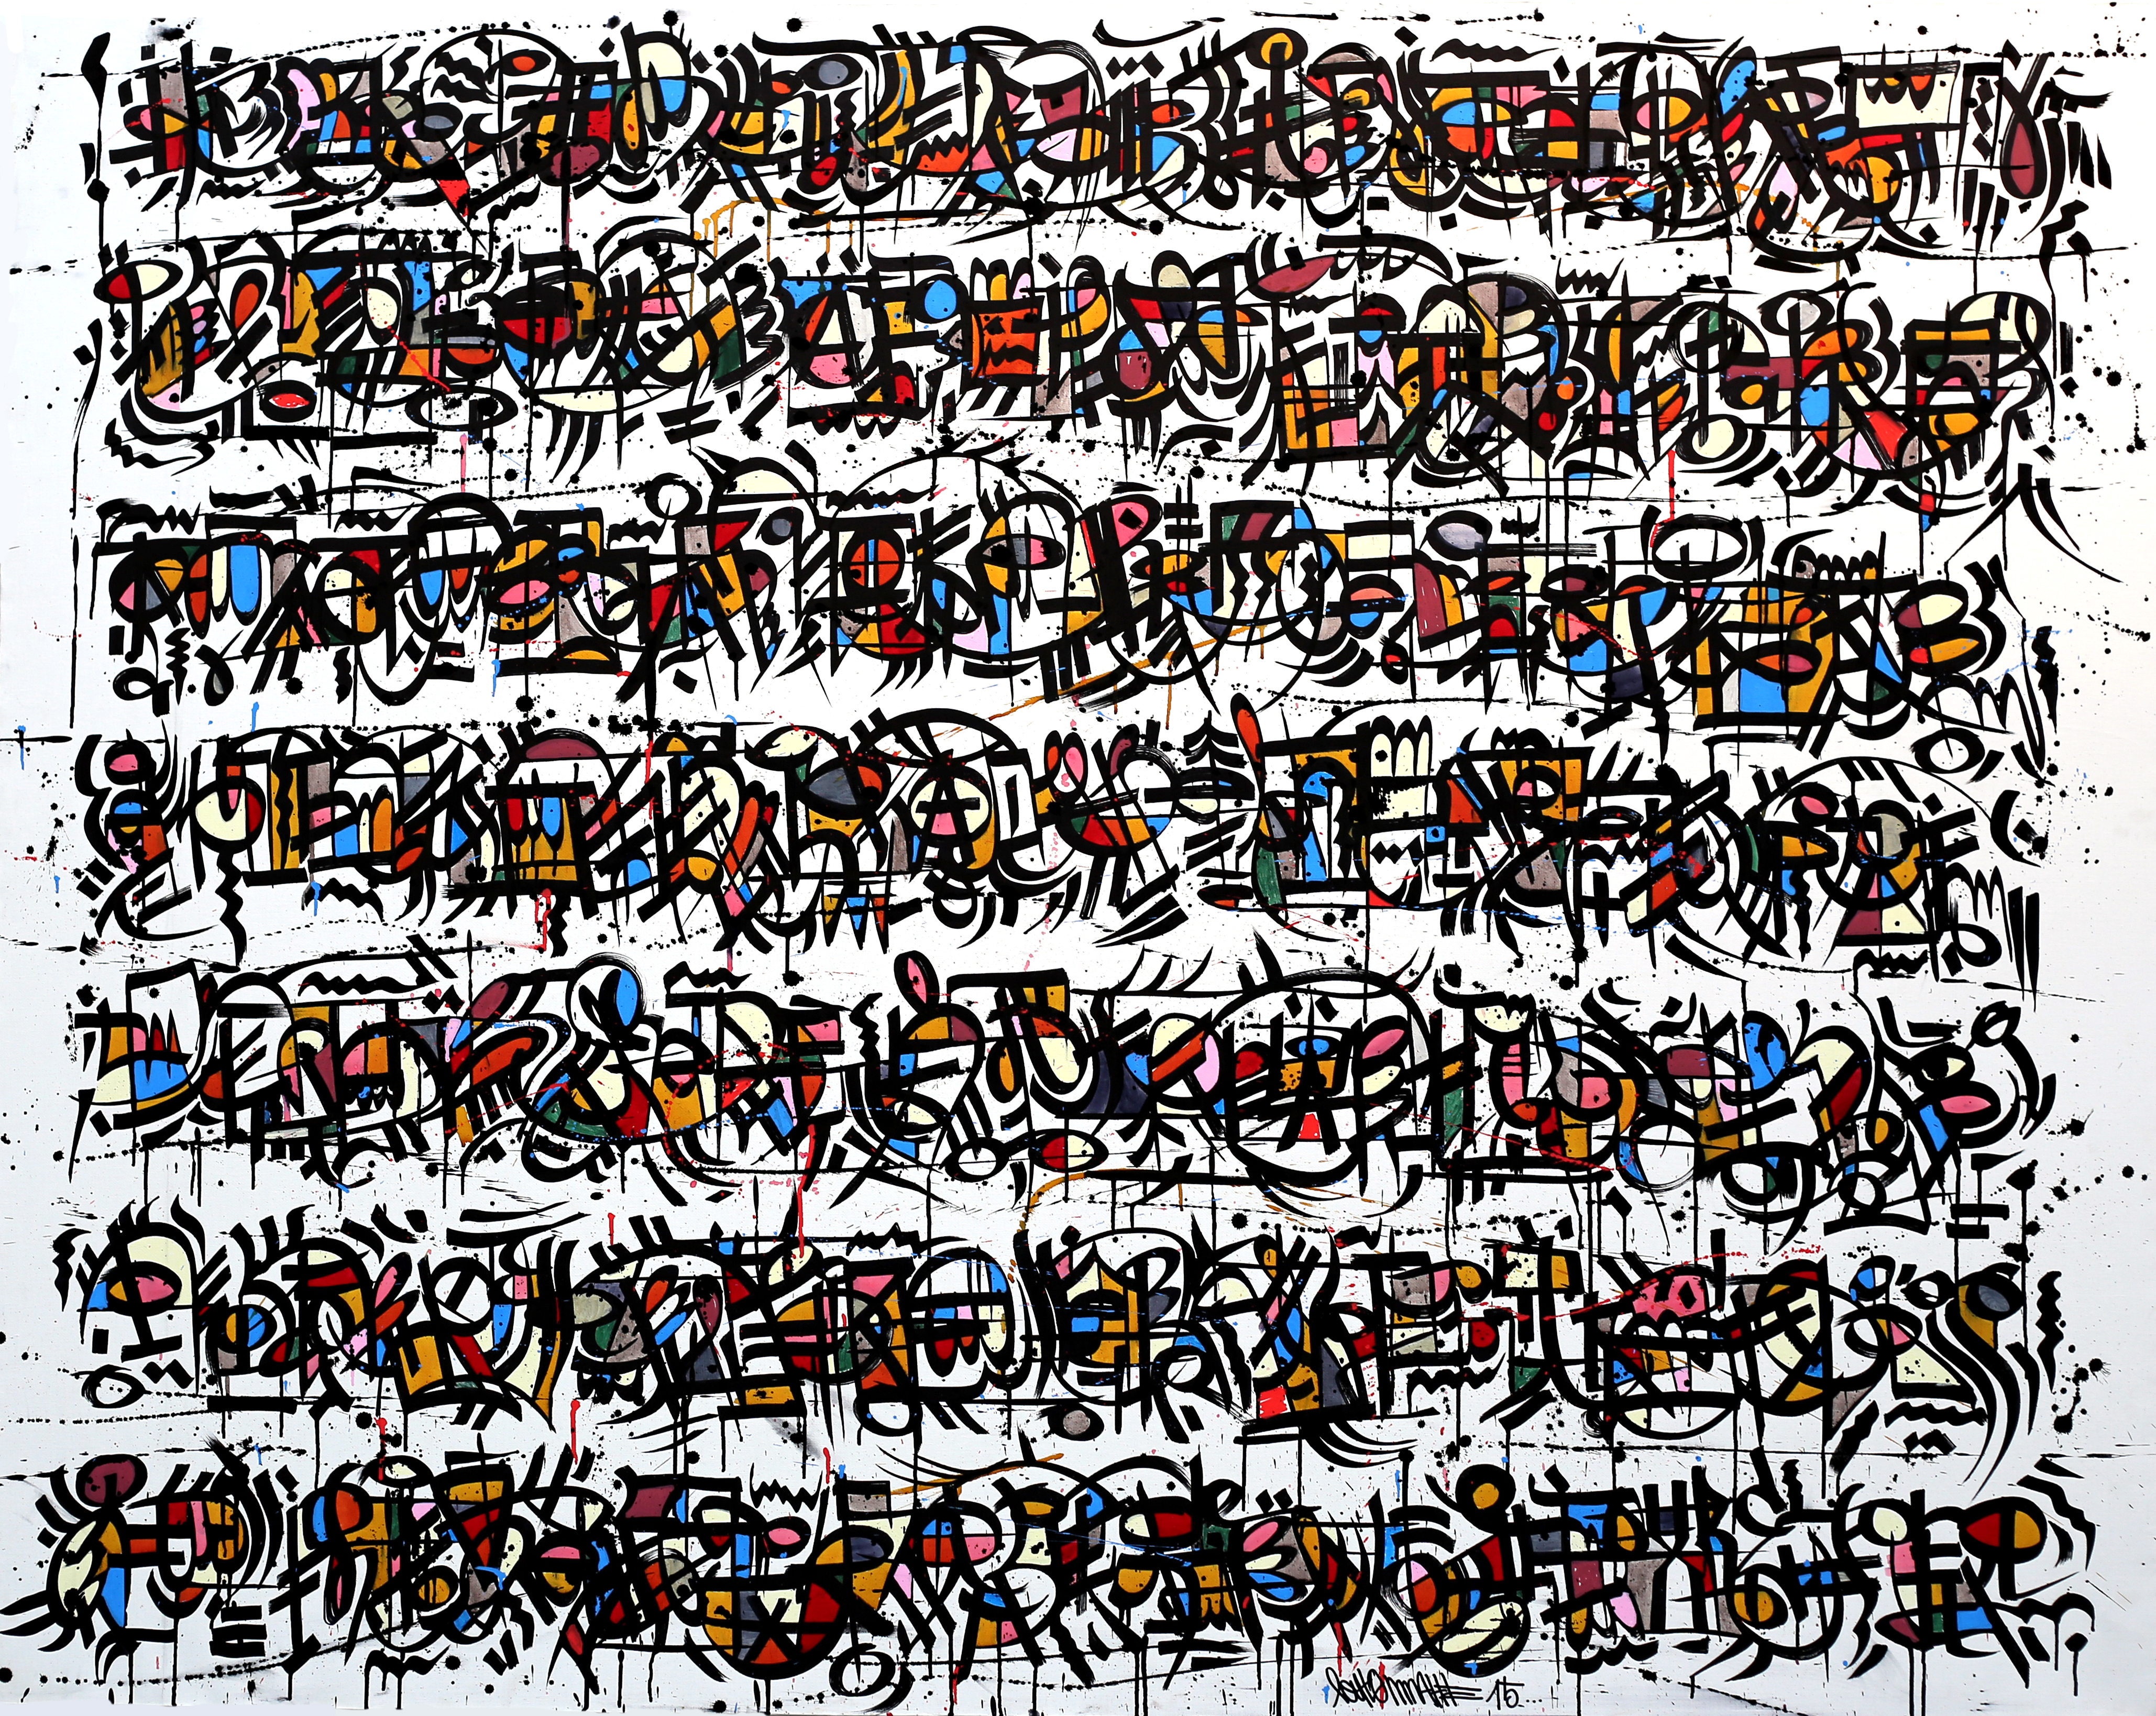 Jericho, 190x150 cm, techniques mixtes sur toile, 2015